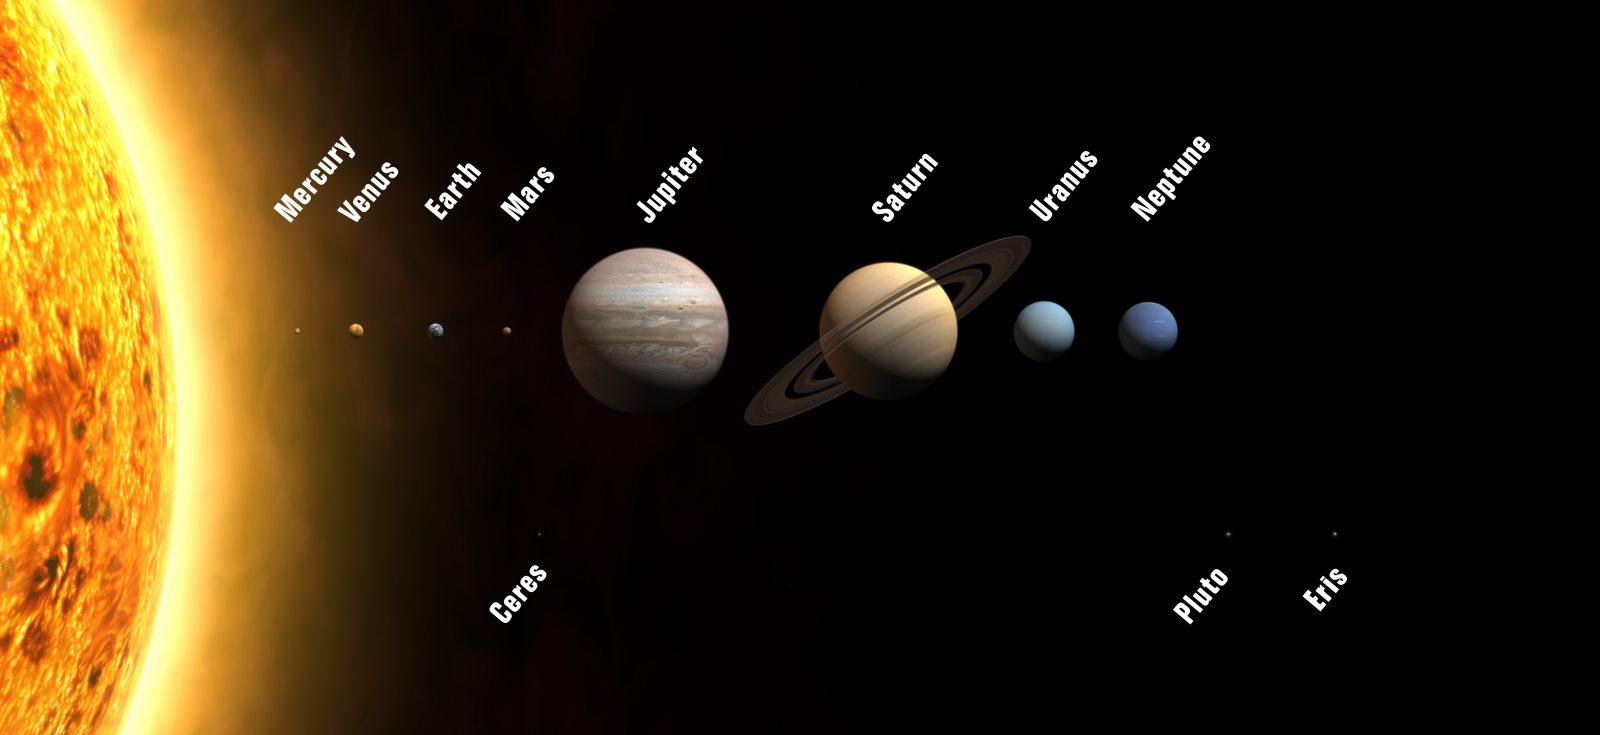 alle Planeten und Sonne